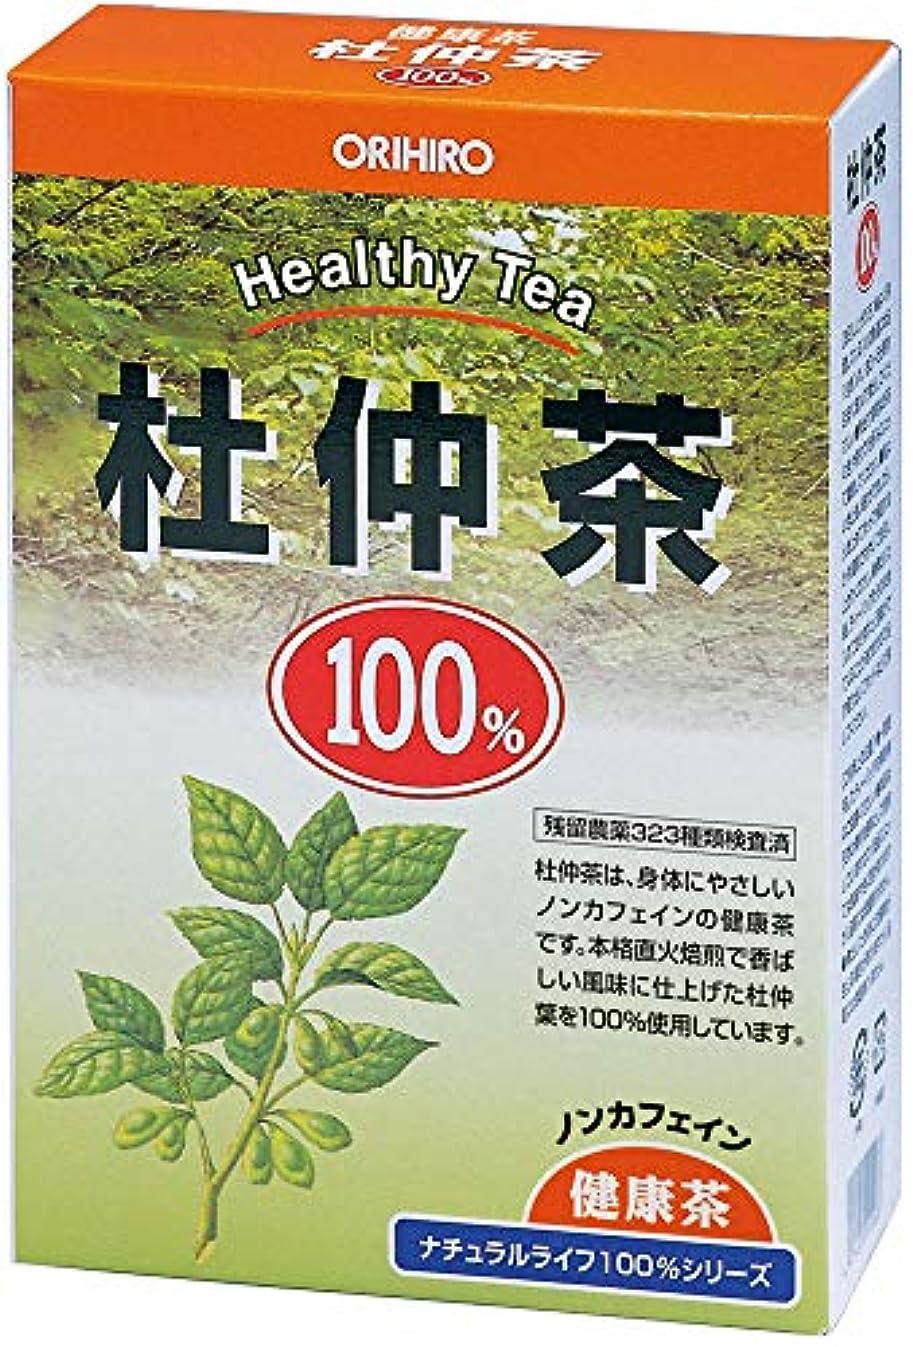 ここに振る舞いモデレータオリヒロ NLティー100% 杜仲茶